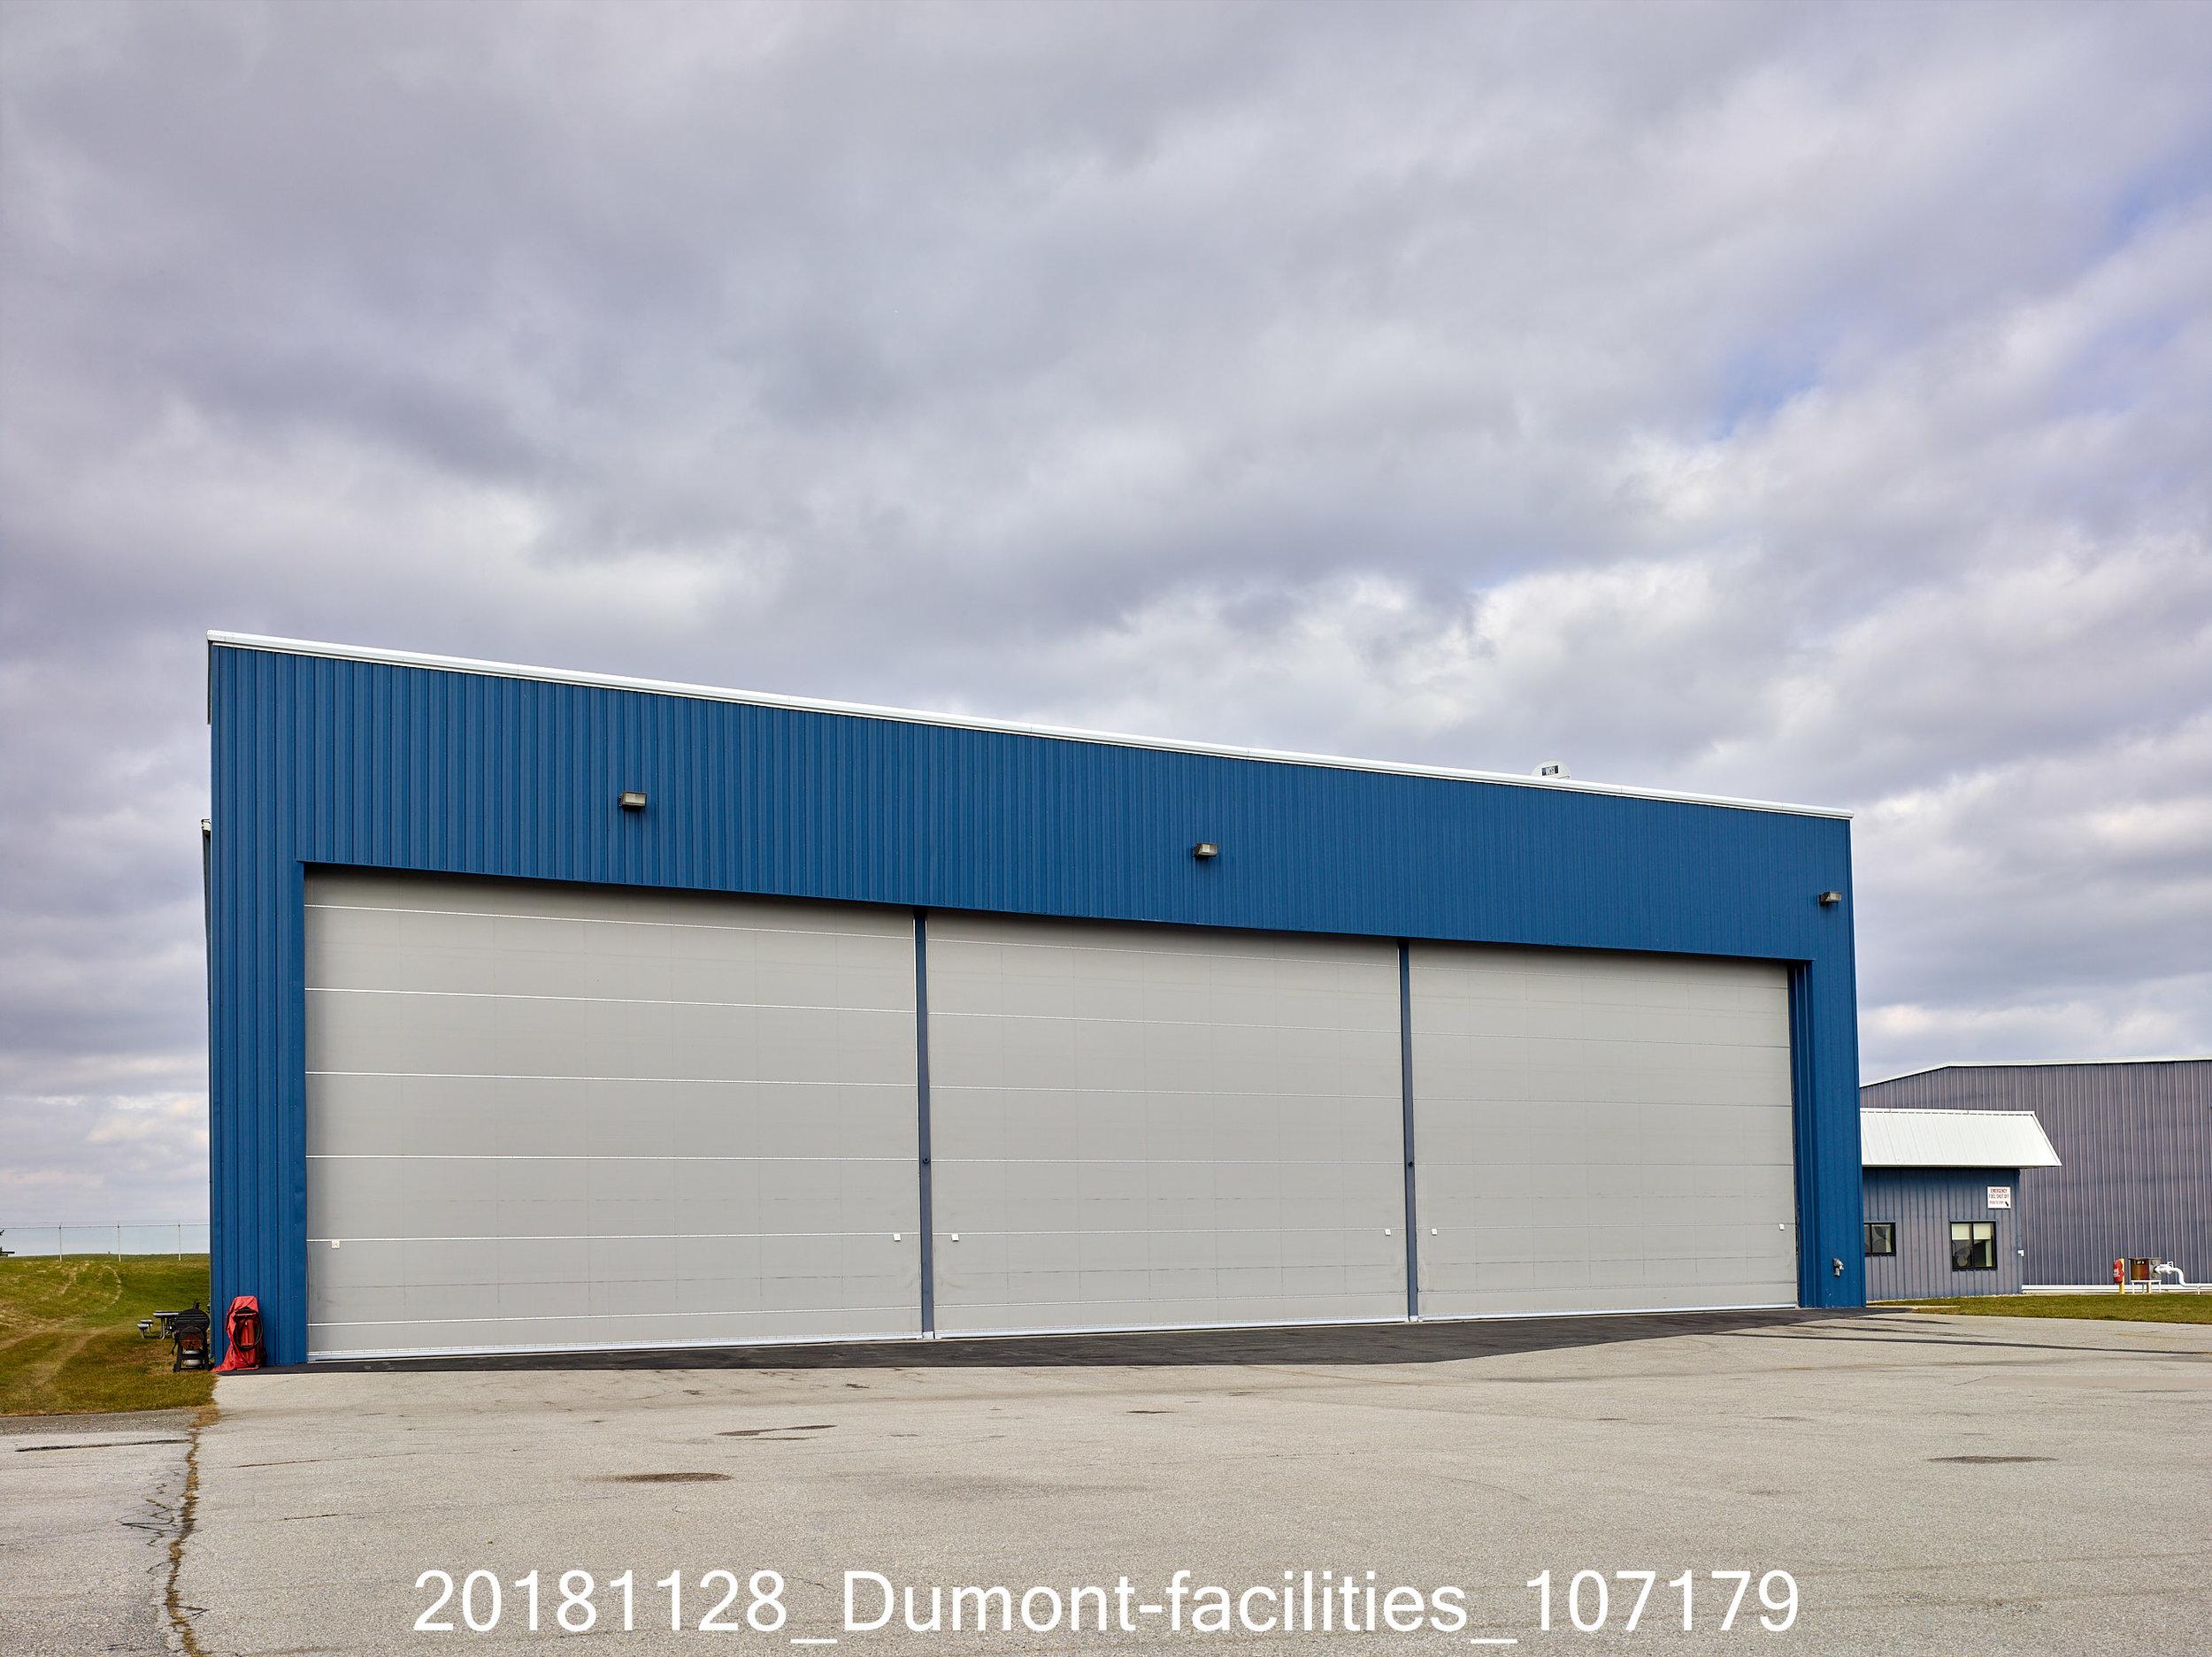 20181128_Dumont-facilities_107179.jpg